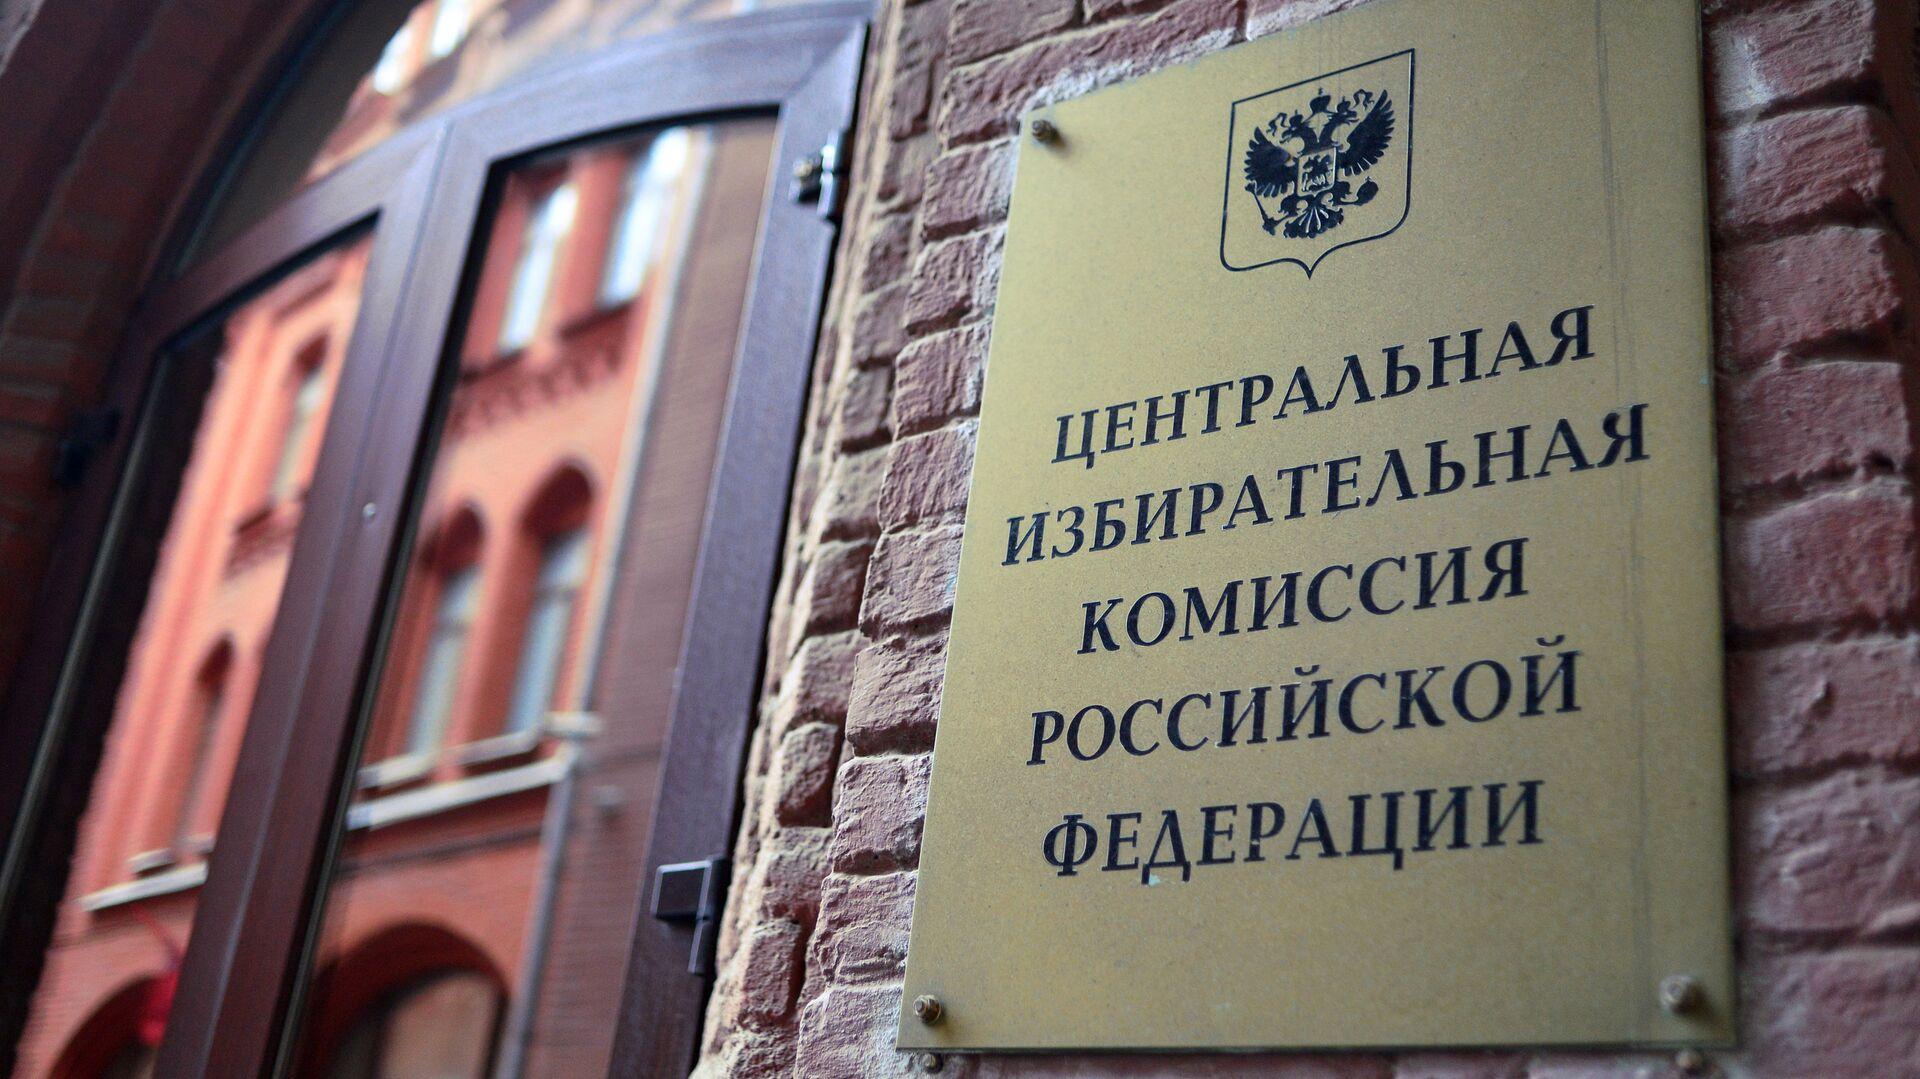 Фасад здания Центральной избирательной комиссии (ЦИК) России - РИА Новости, 1920, 30.07.2021